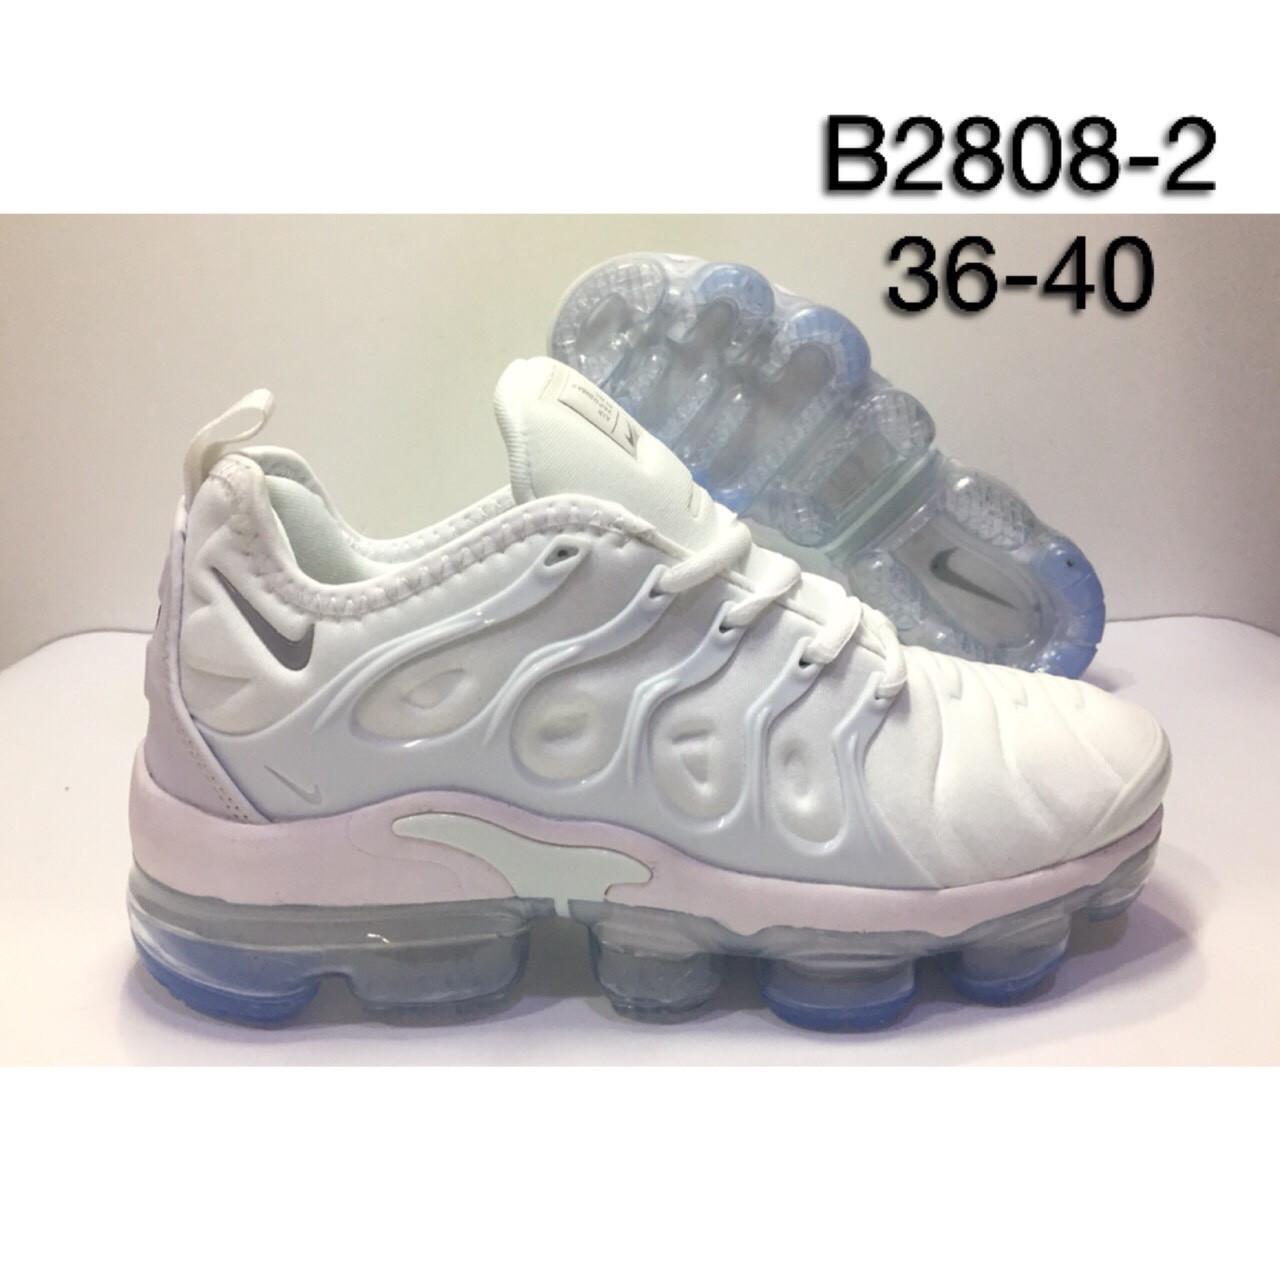 Кроссовки подросток Nike Air Vm оптом (36-40)